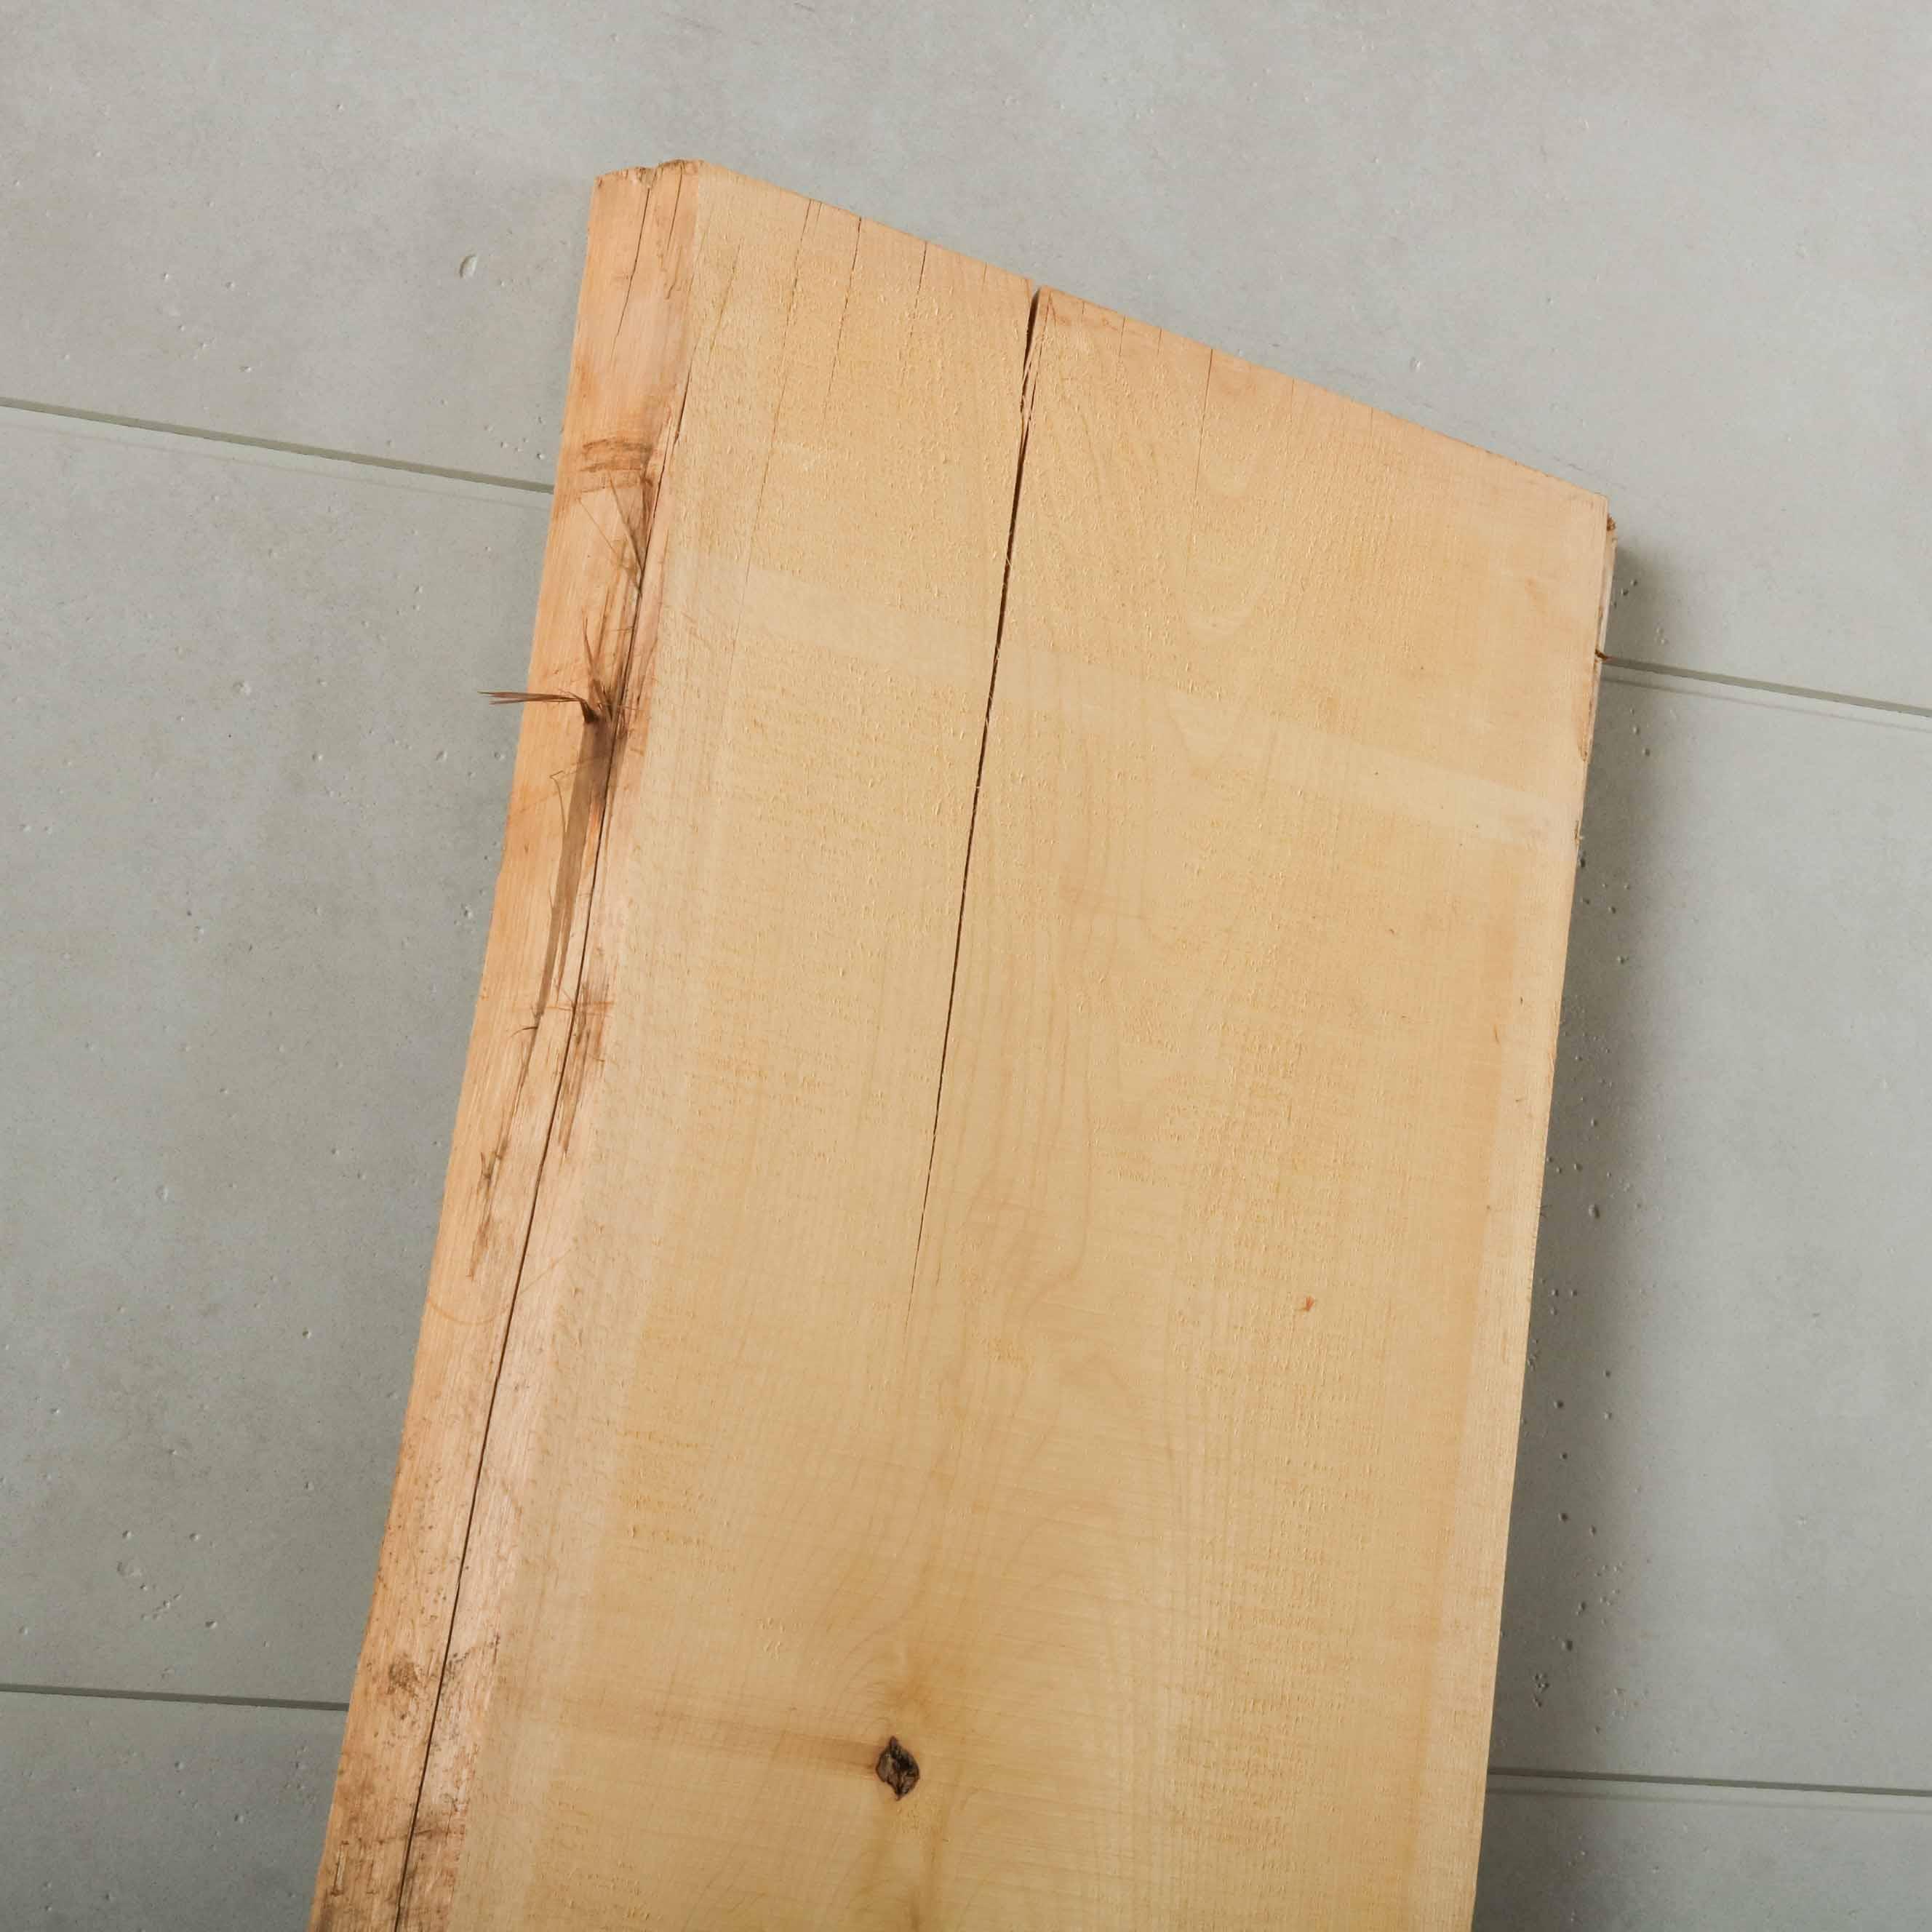 16-009 檜葉 (ヒバ) 一枚板 有限会社村口産業(下北郡)